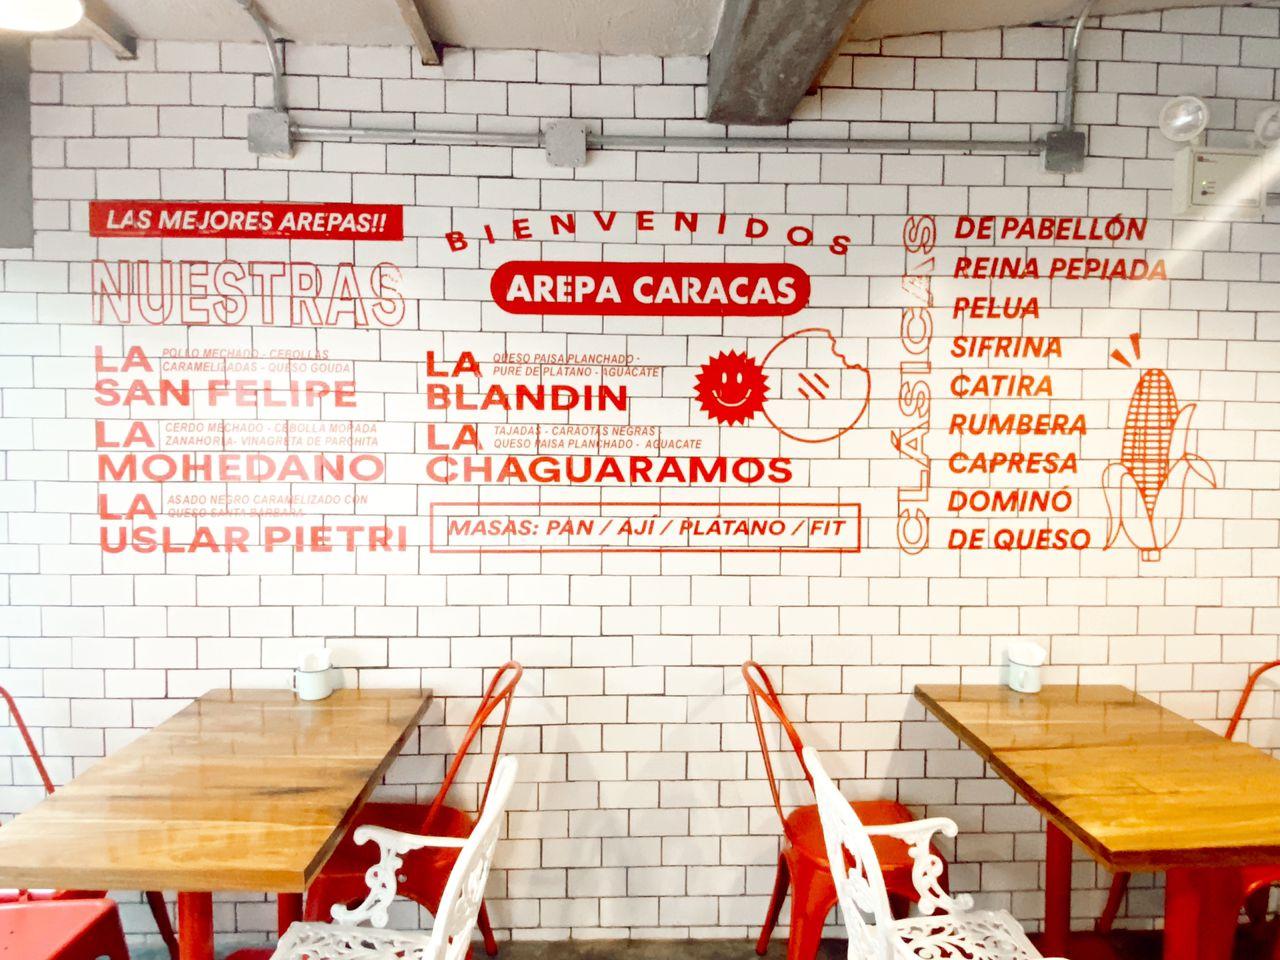 Arepa Caracas